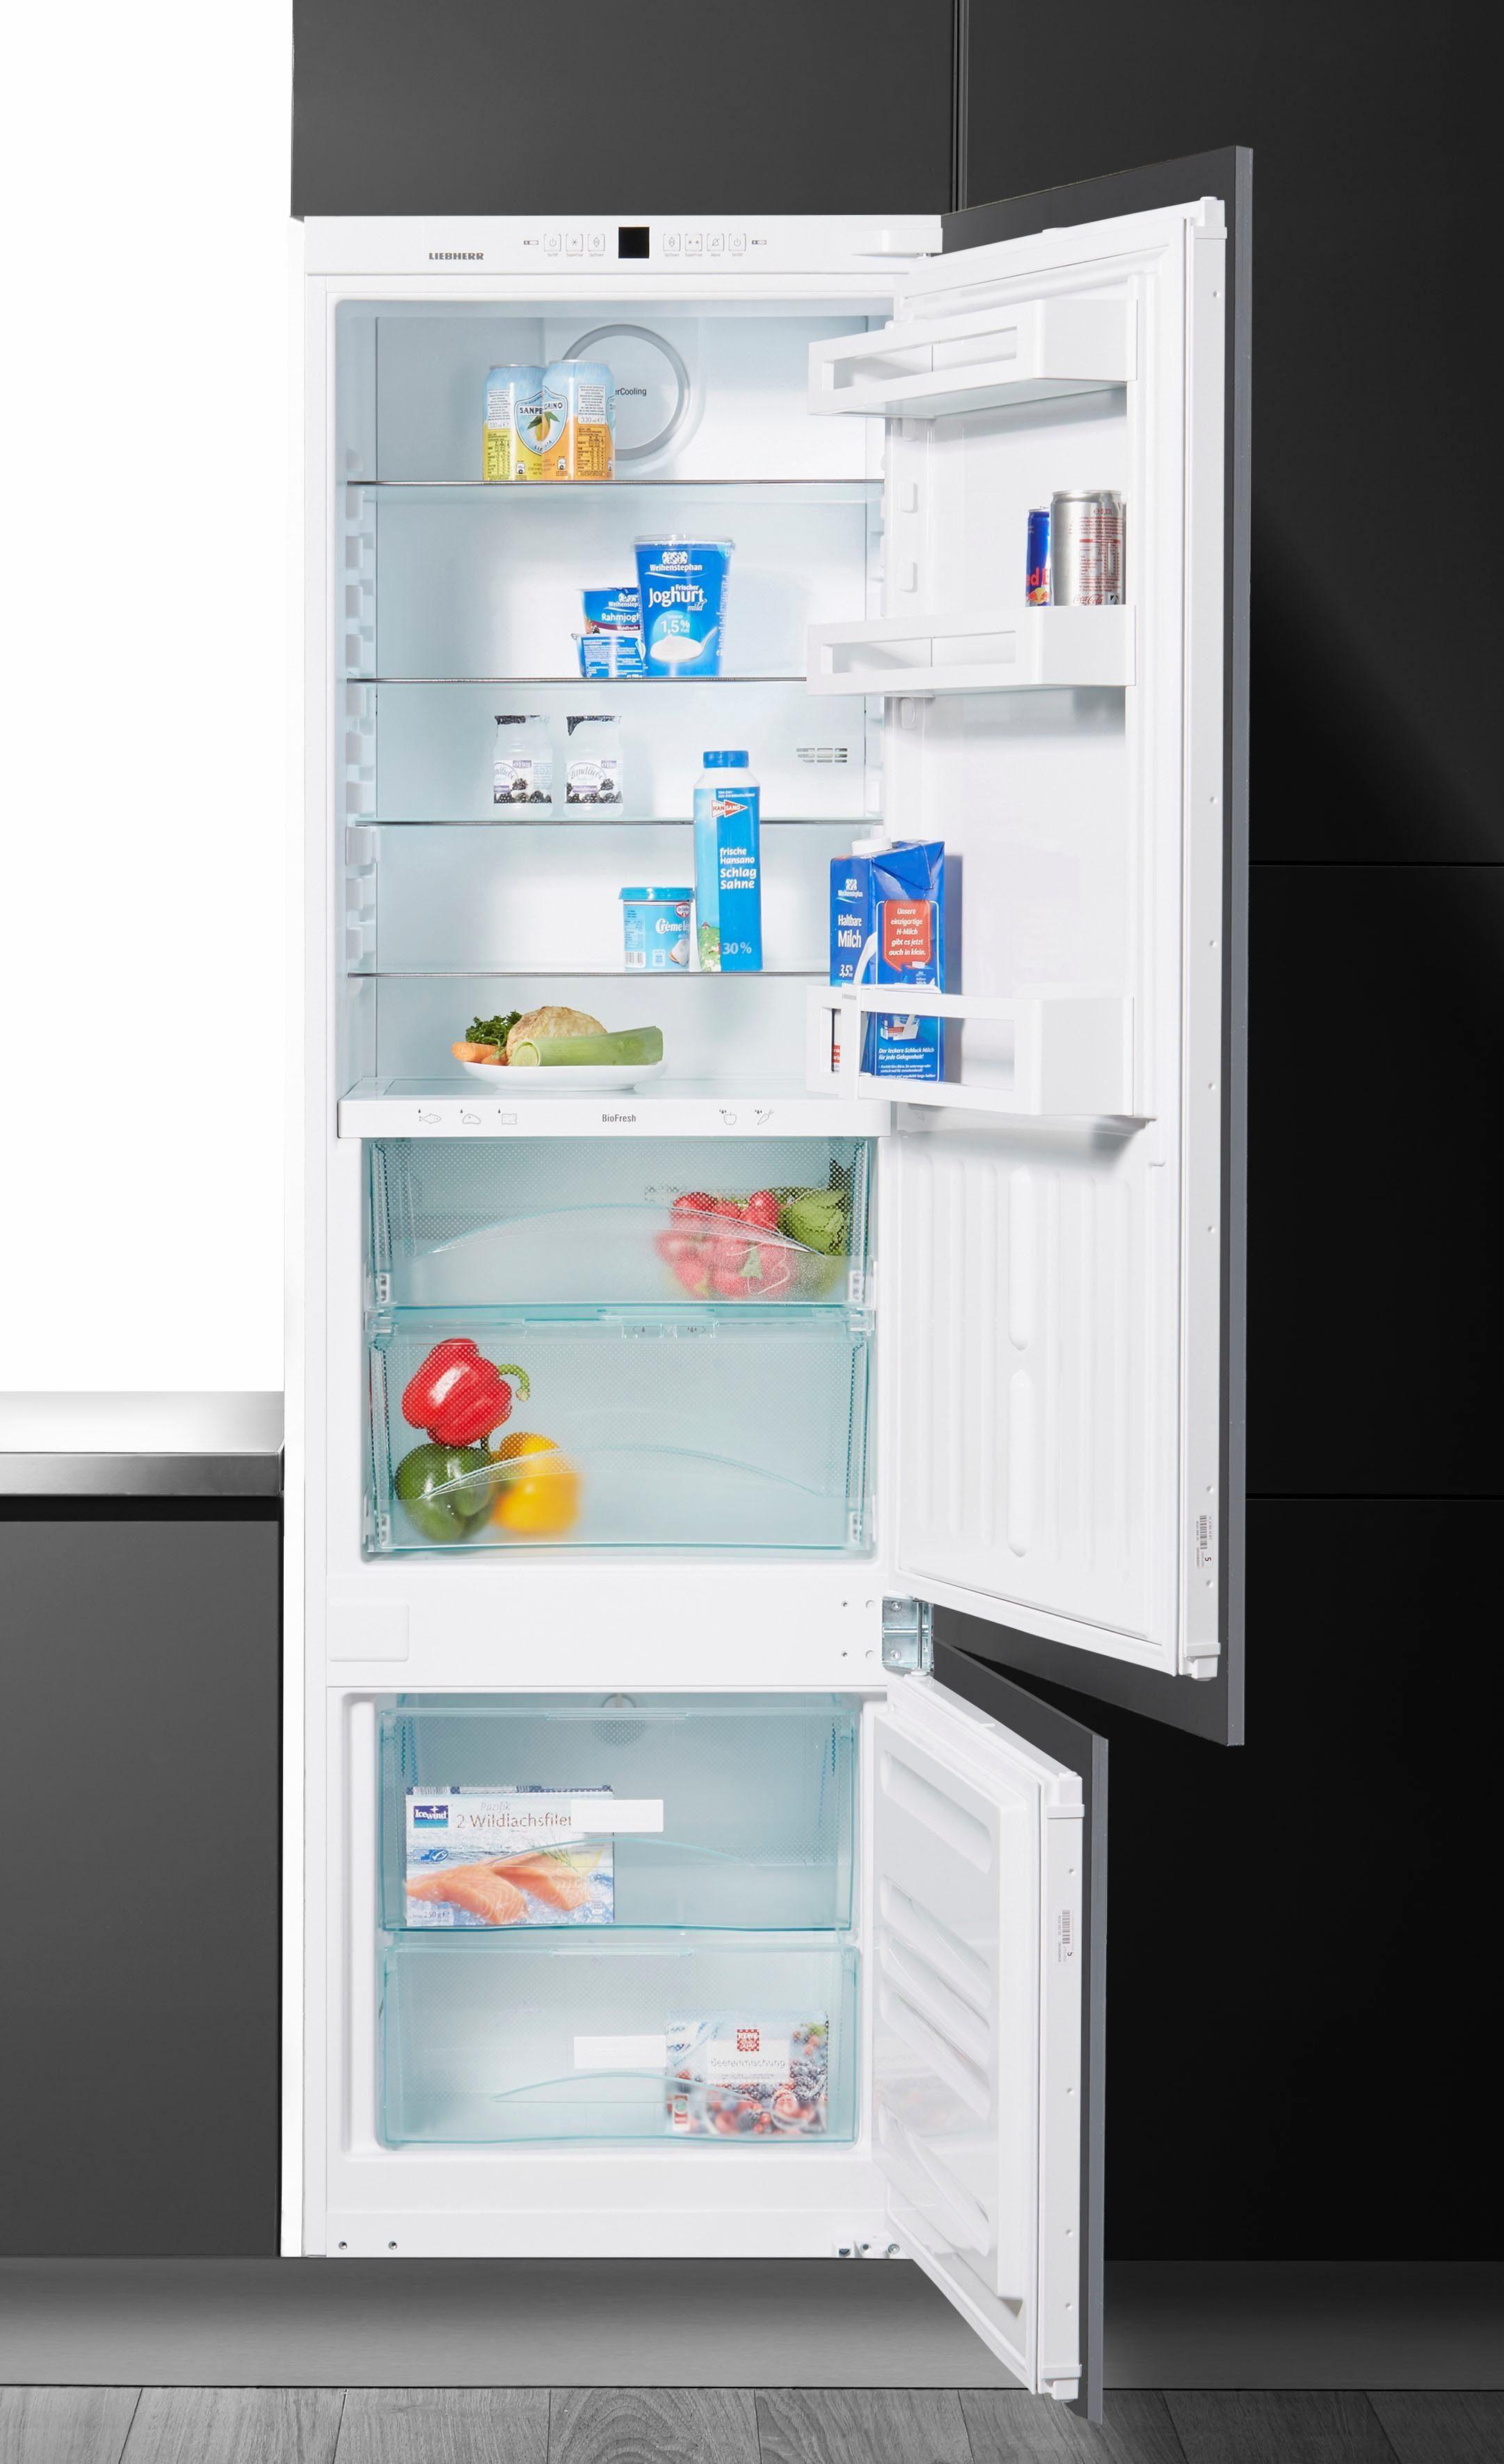 Liebherr integrierbare Einbau-Kühl-Gefrier-Kombination ICBS 3224, Energieklasse A++, 177 cm hoch